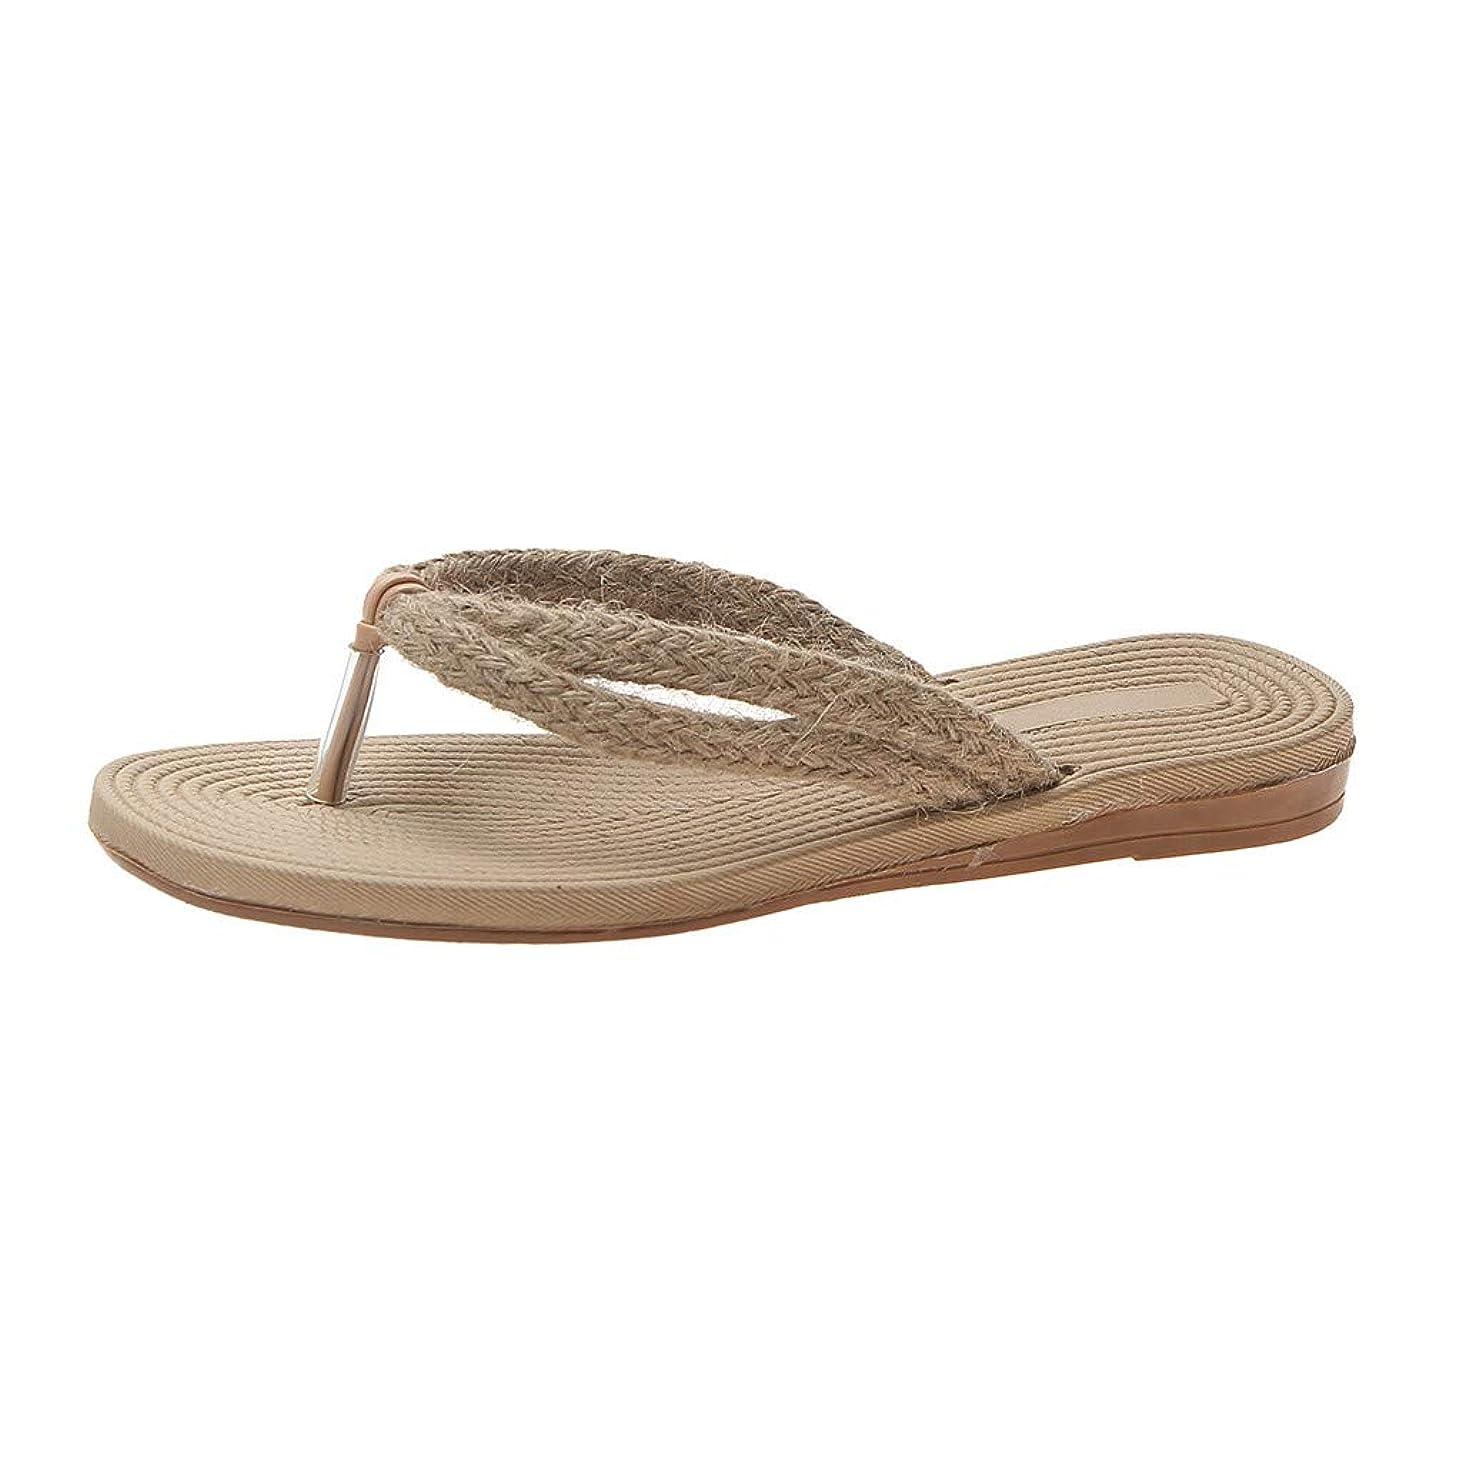 海港歌時代Top Homie レディース フラットシューズ すべり止め 履き心地よい スリッパ ルームシューズ 室内 プレーン 軽く履きやすい 来客用 抗菌防臭 靴